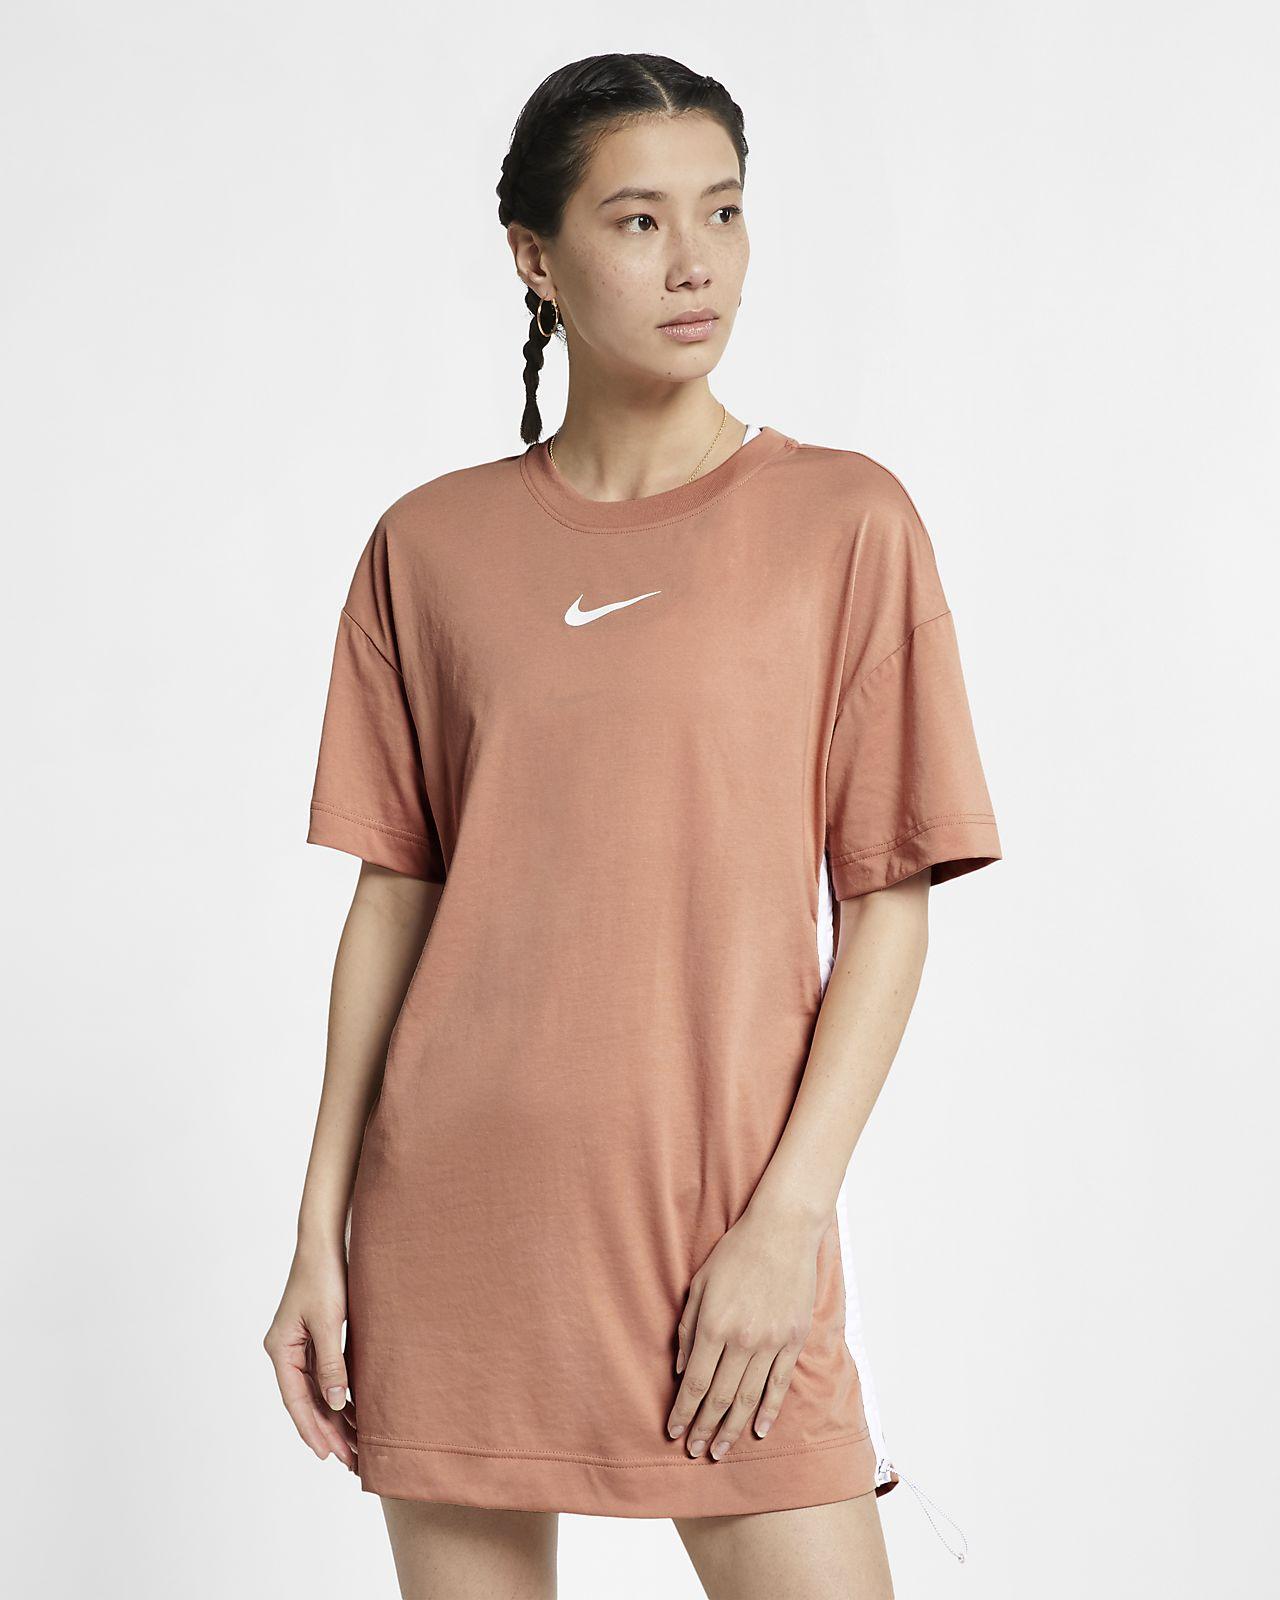 da3b53b6be Nike Sportswear Swoosh női ruha. Nike.com HU